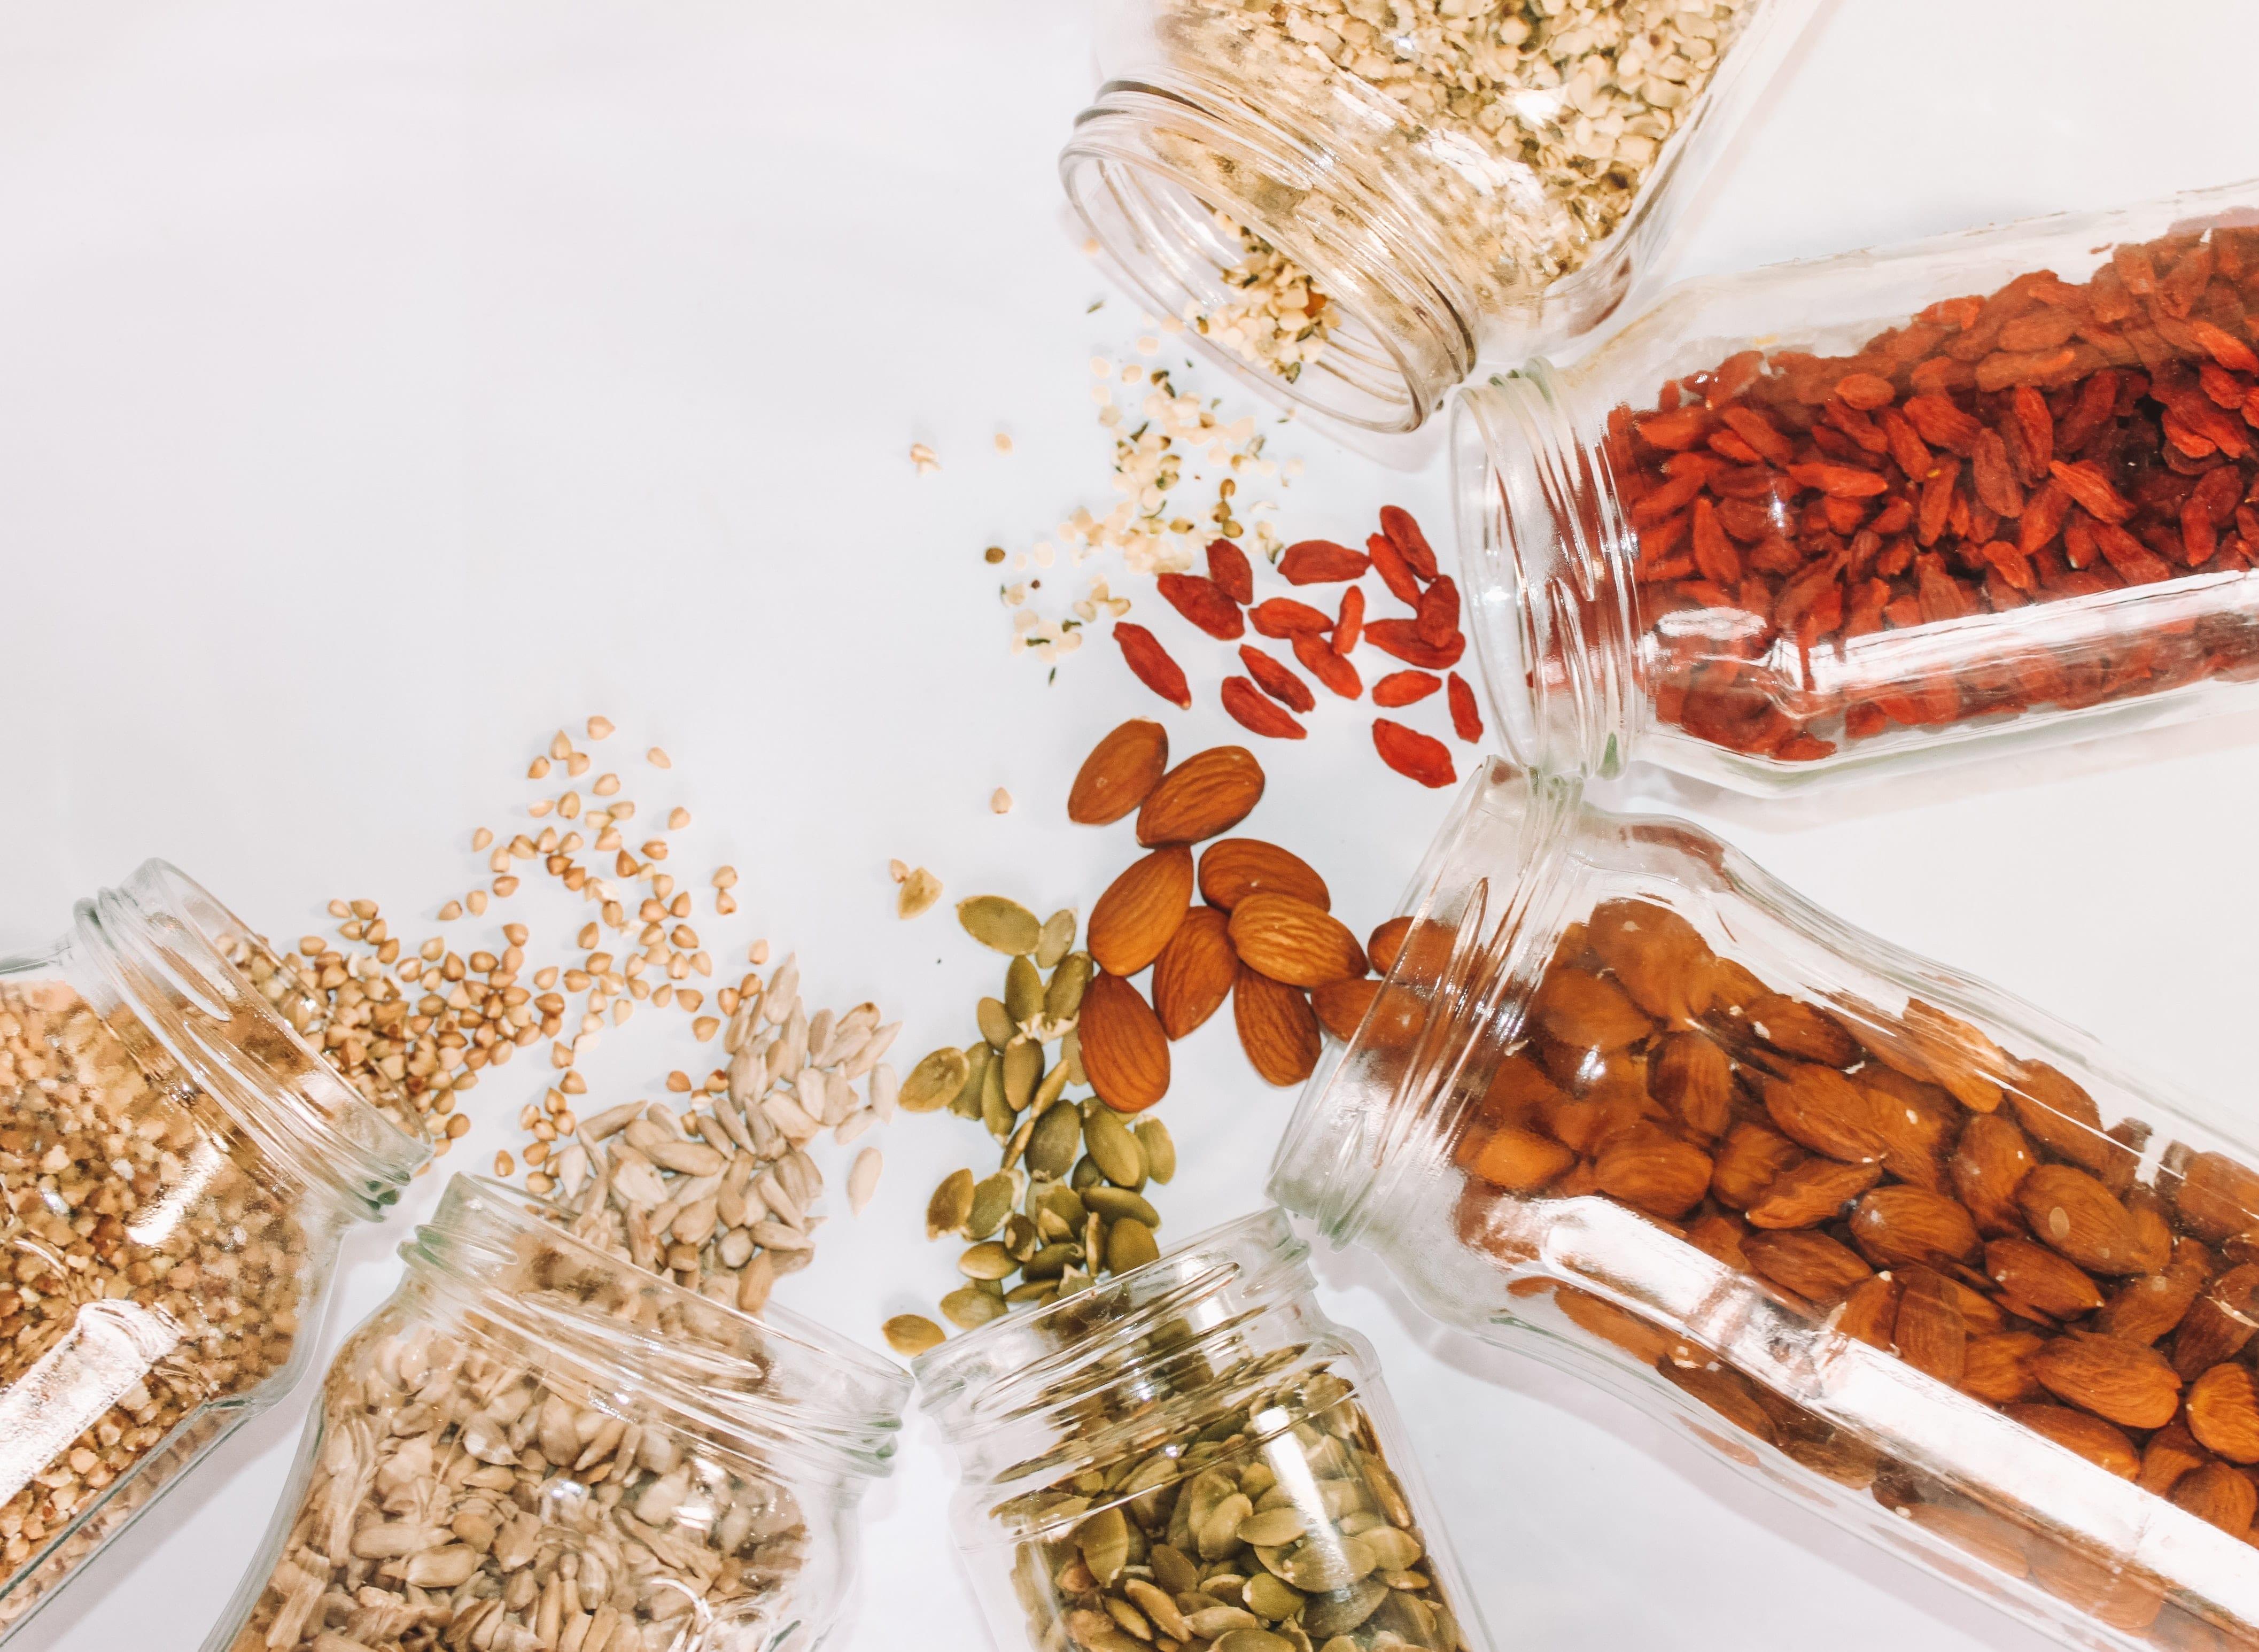 Nuts - Keto Foods